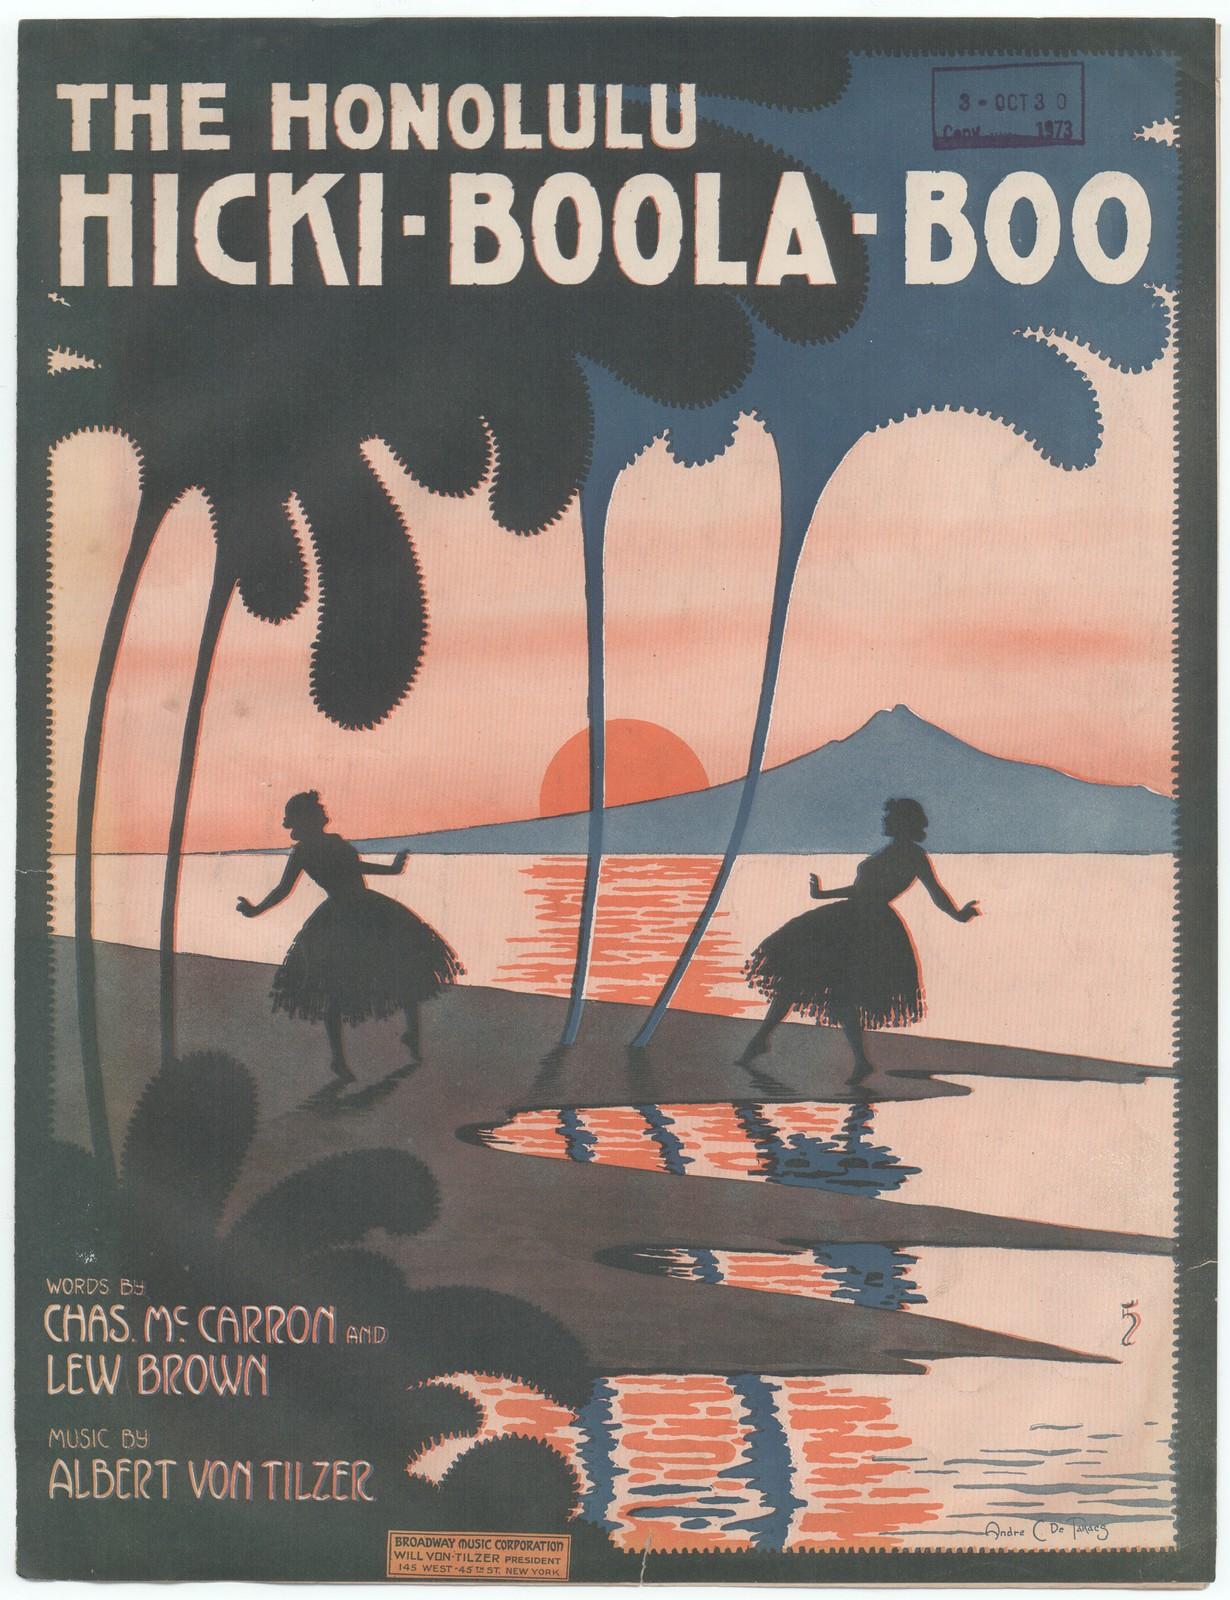 The  Honolulu hicki boola boo